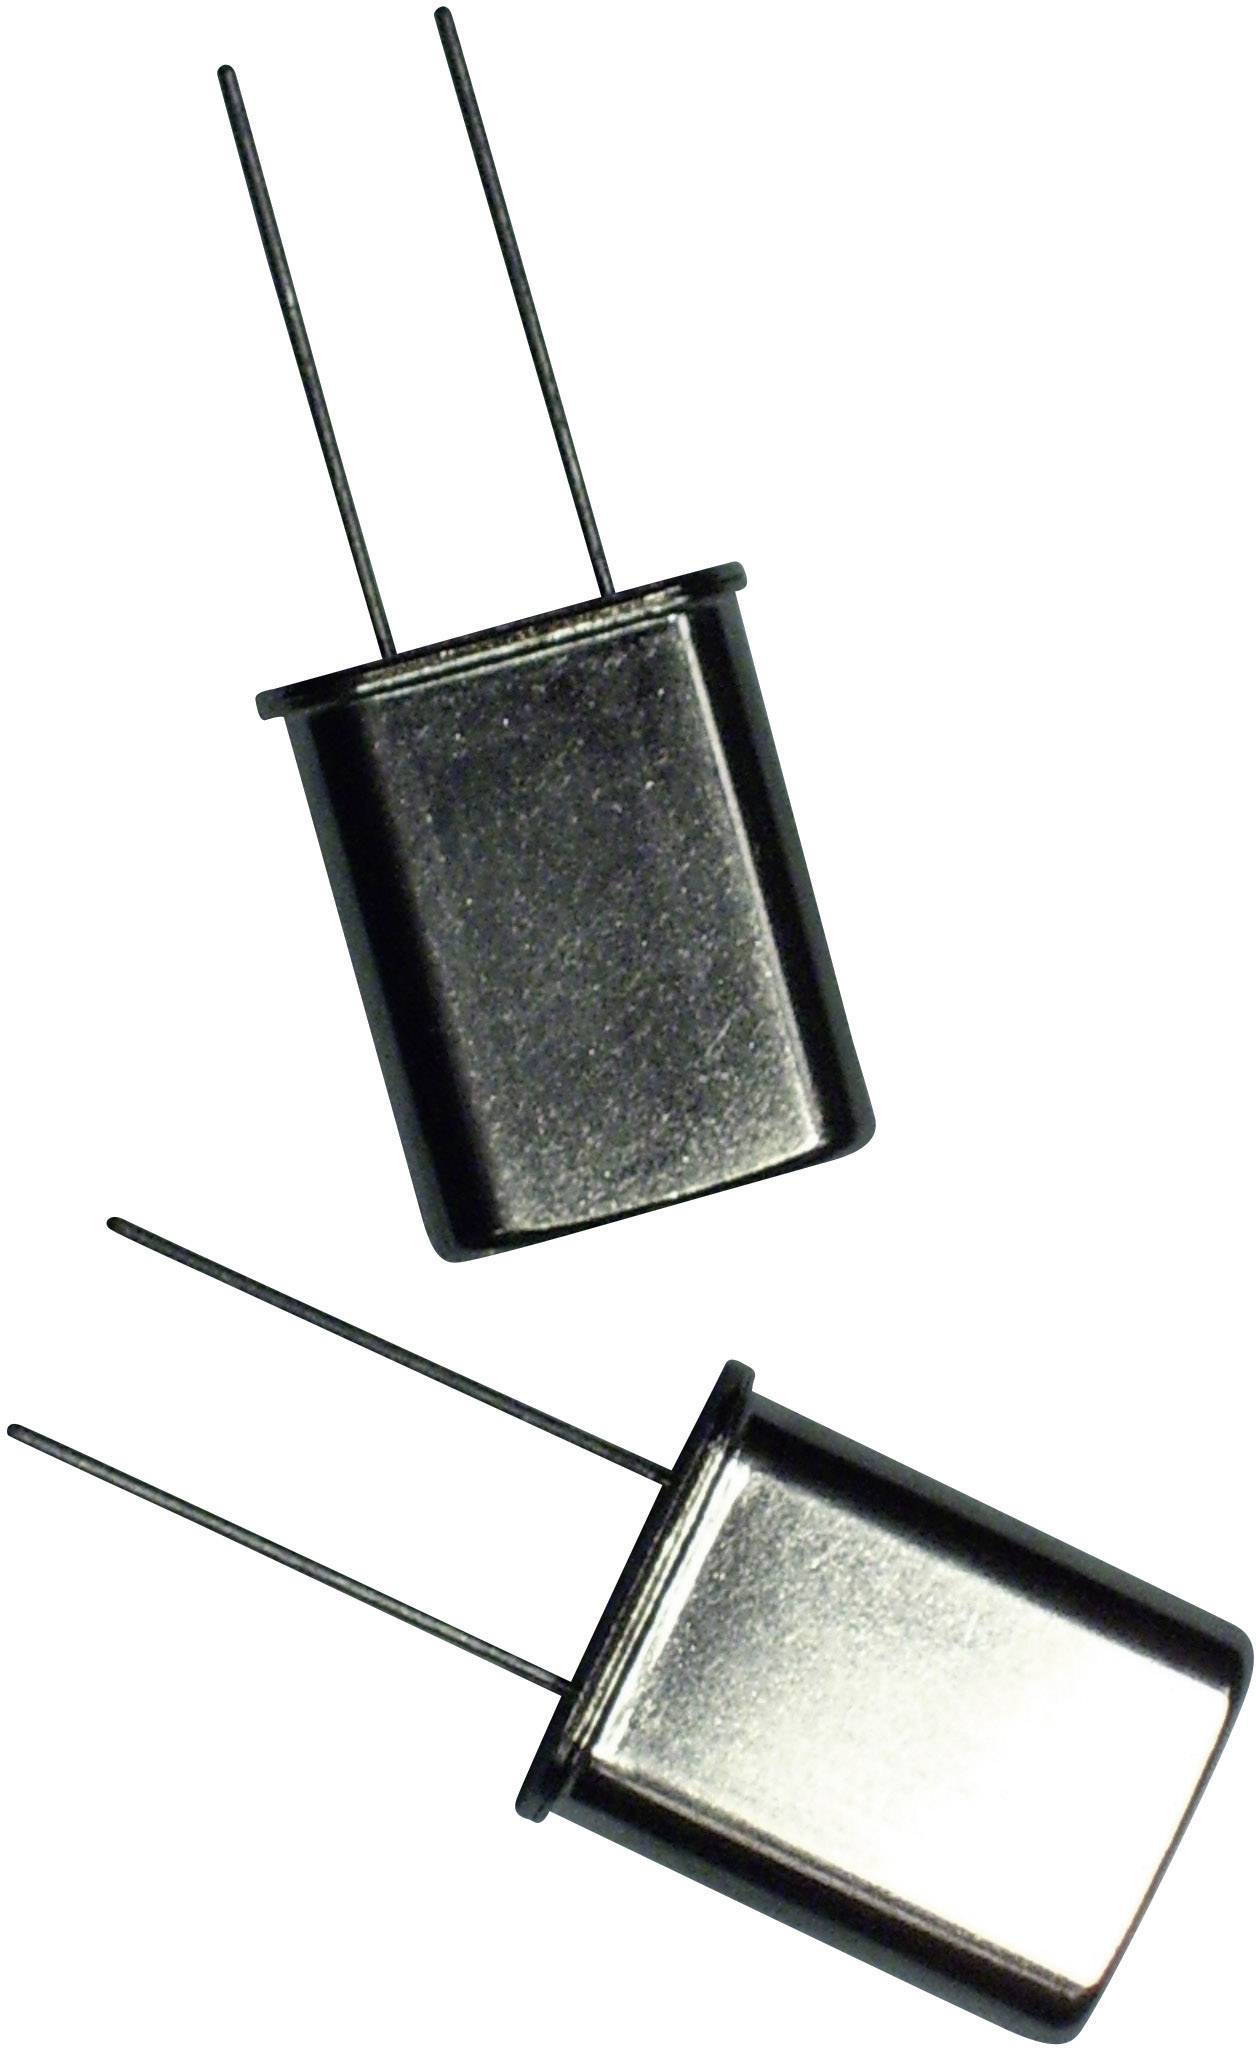 Krystal EuroQuartz, 14,31818 MHz, HC49, 30/50/40/18PF/ATF